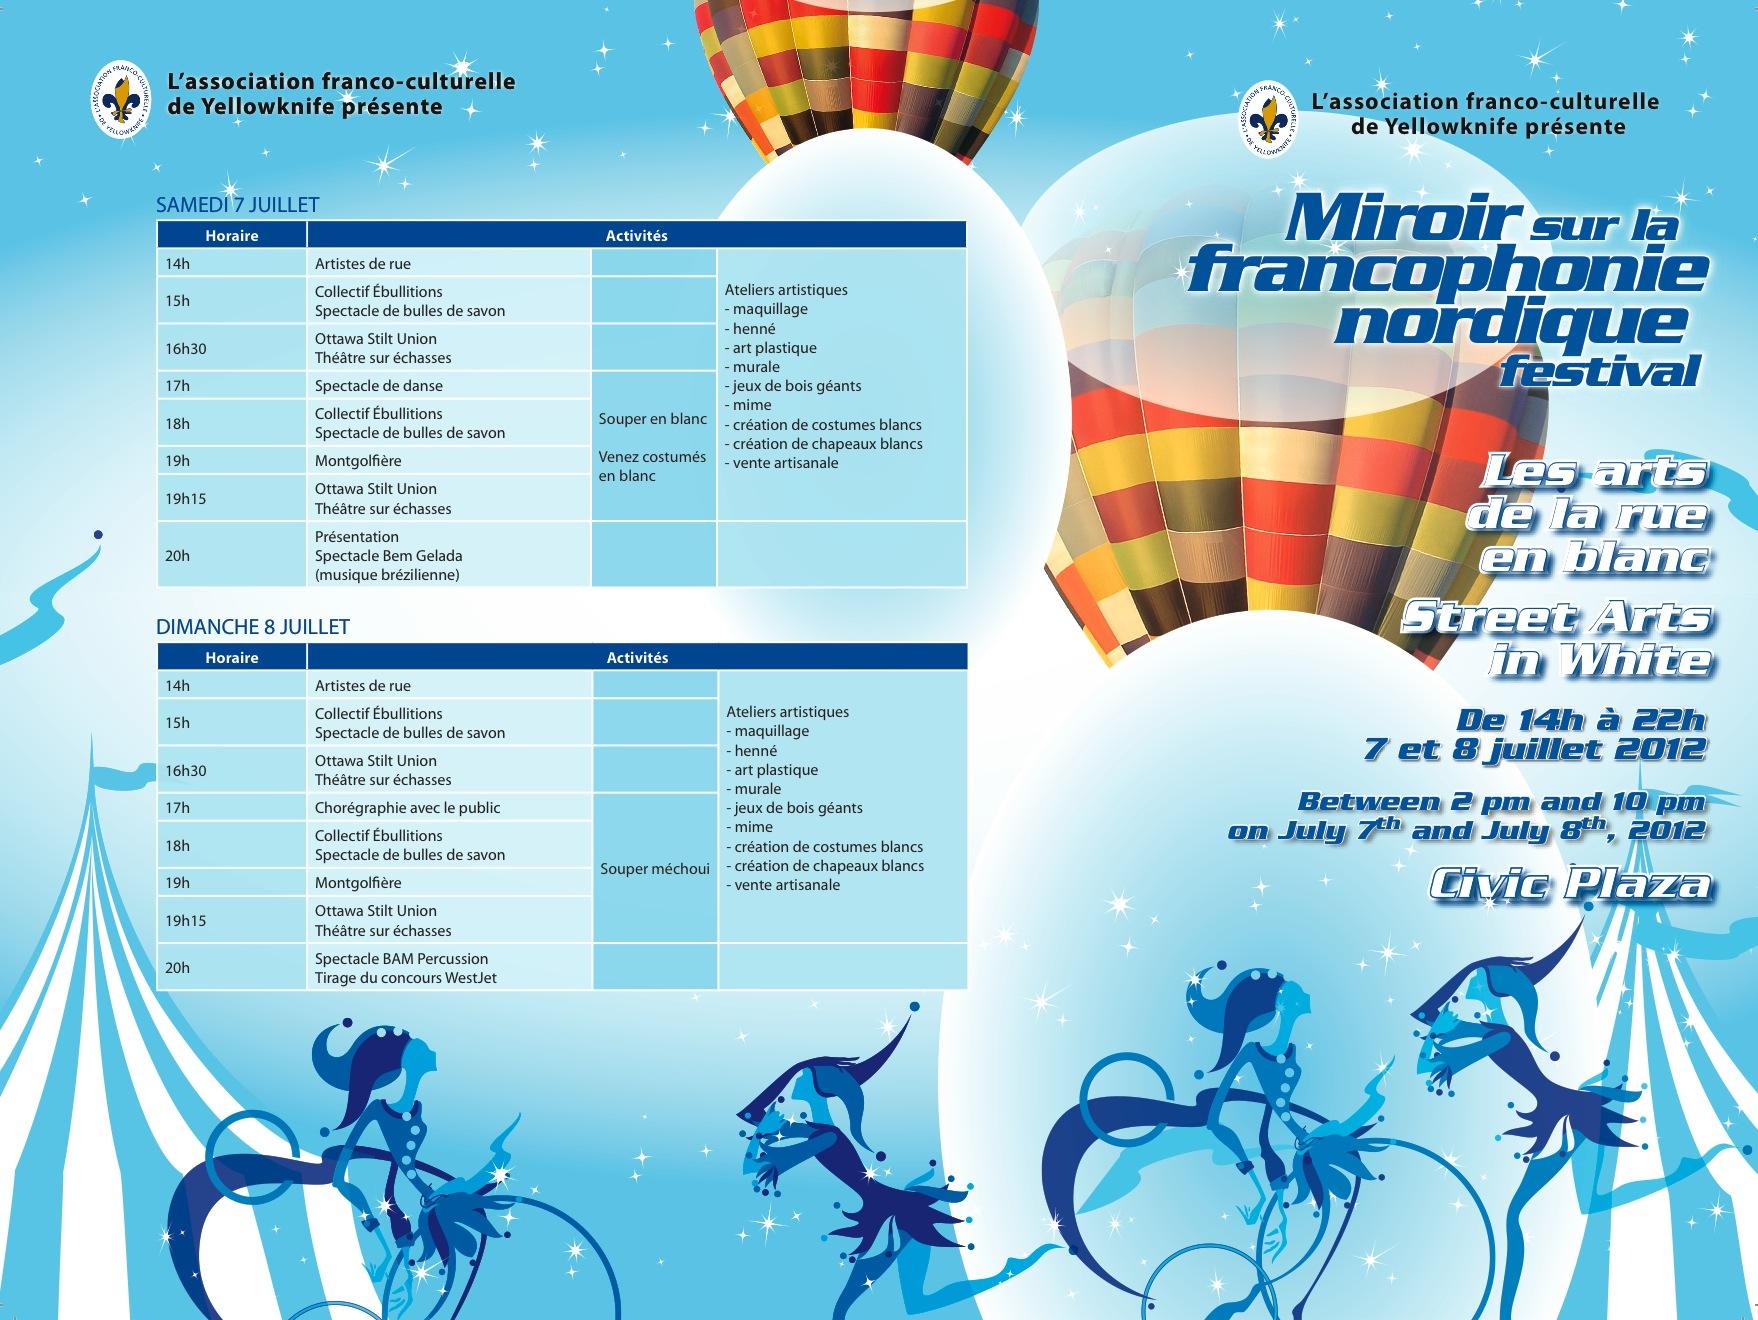 Festival miroir sur la francophonie nordique l for Association miroir fes